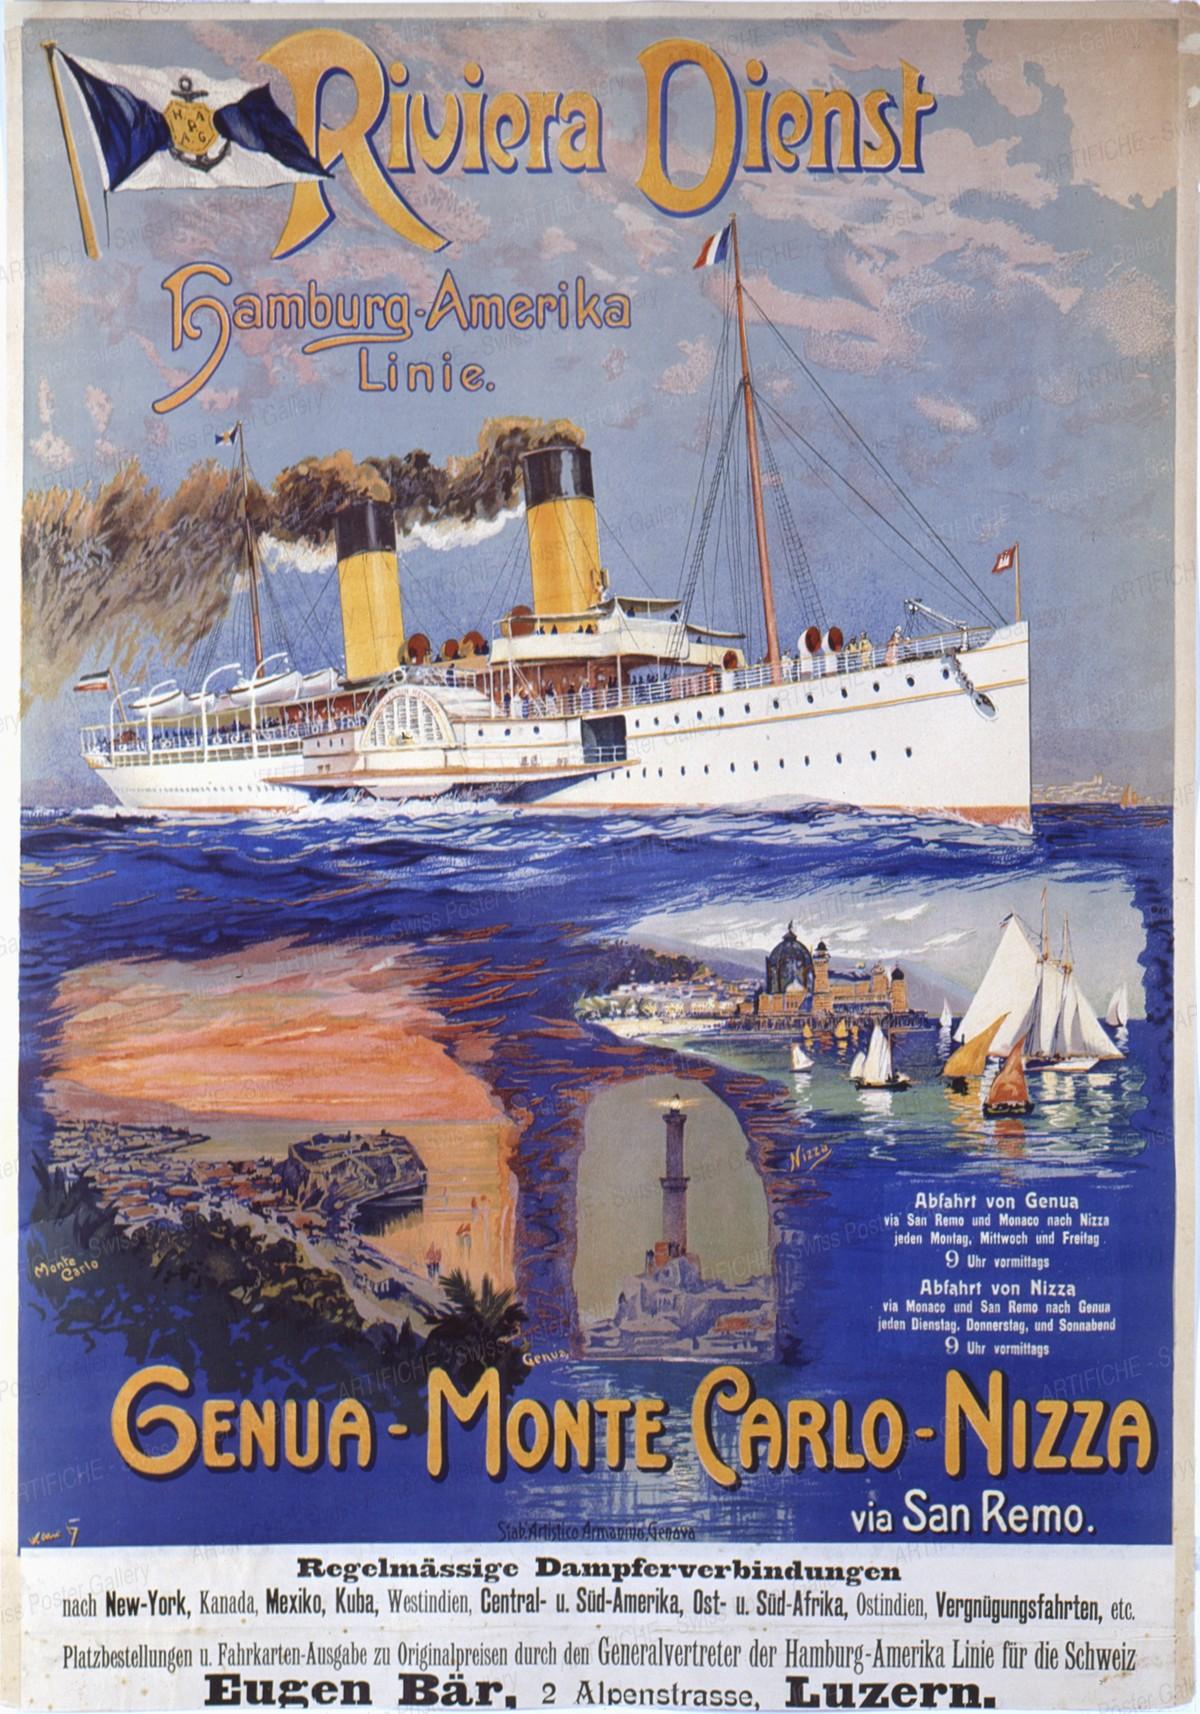 Riviera Dienst – Hamburg-America-Linie – Genua-Monte-Carlo-Nizza, Artist unknown